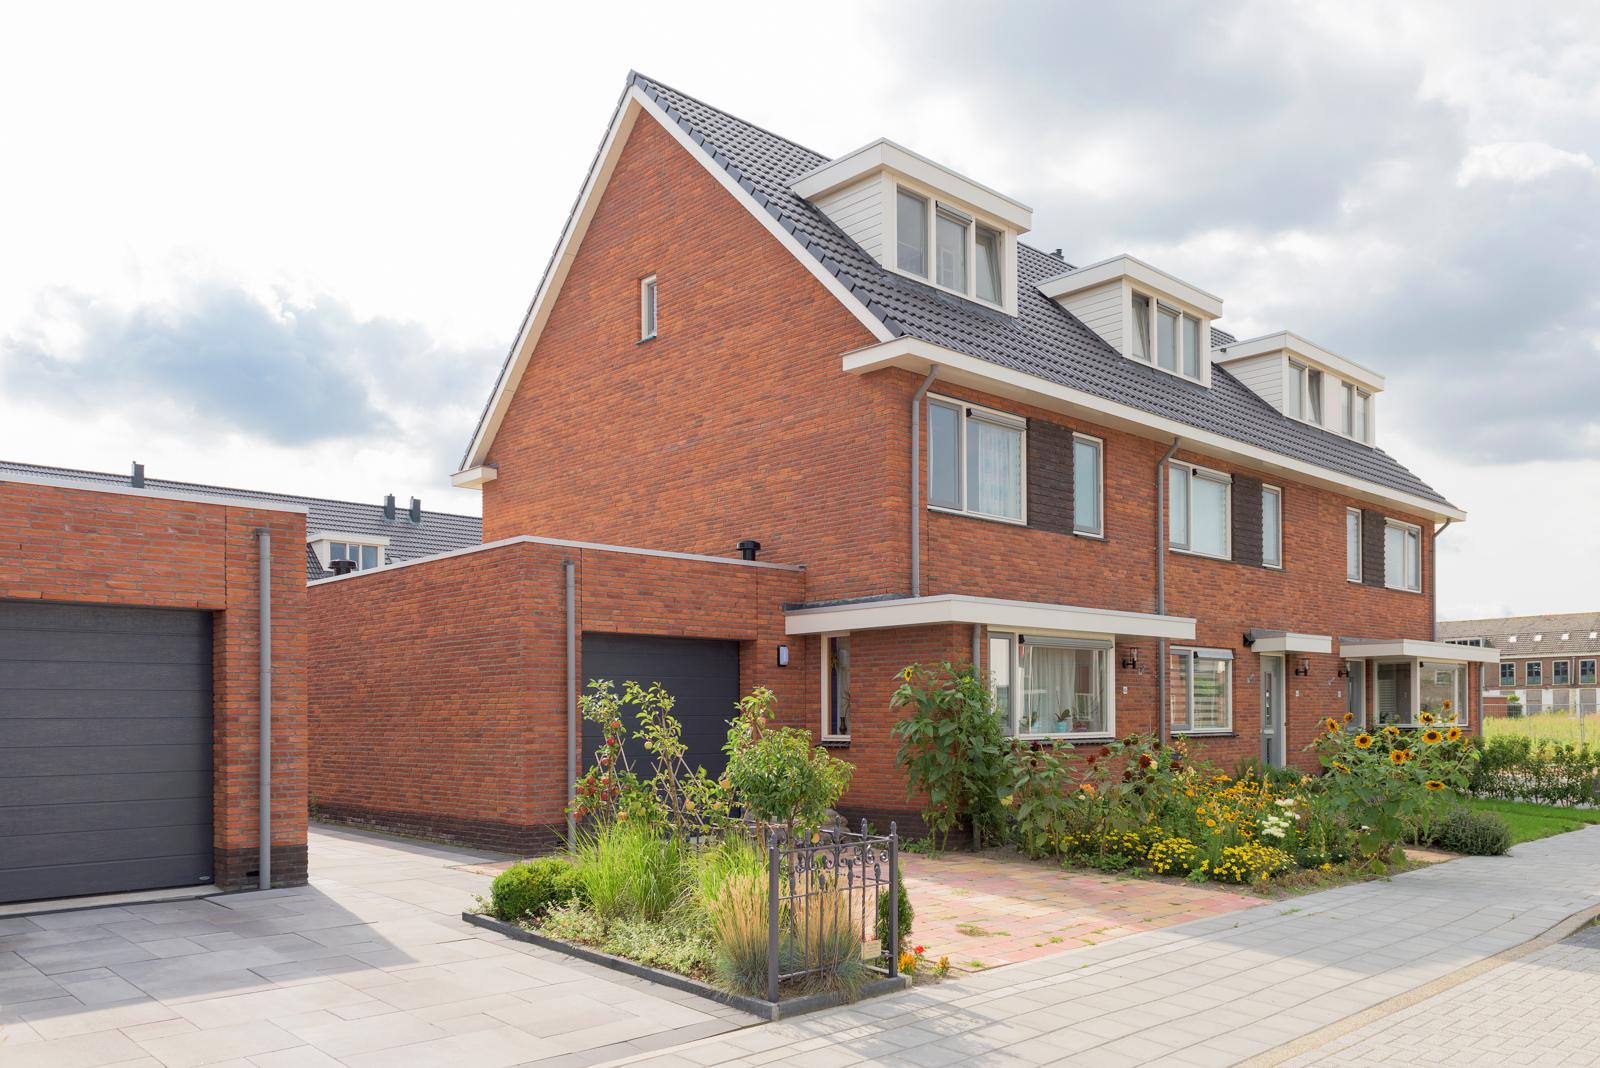 Engelse Tuin Voorhout : Architectfotograaf u2013 media tags u2013 architectuur fotograaf dirk